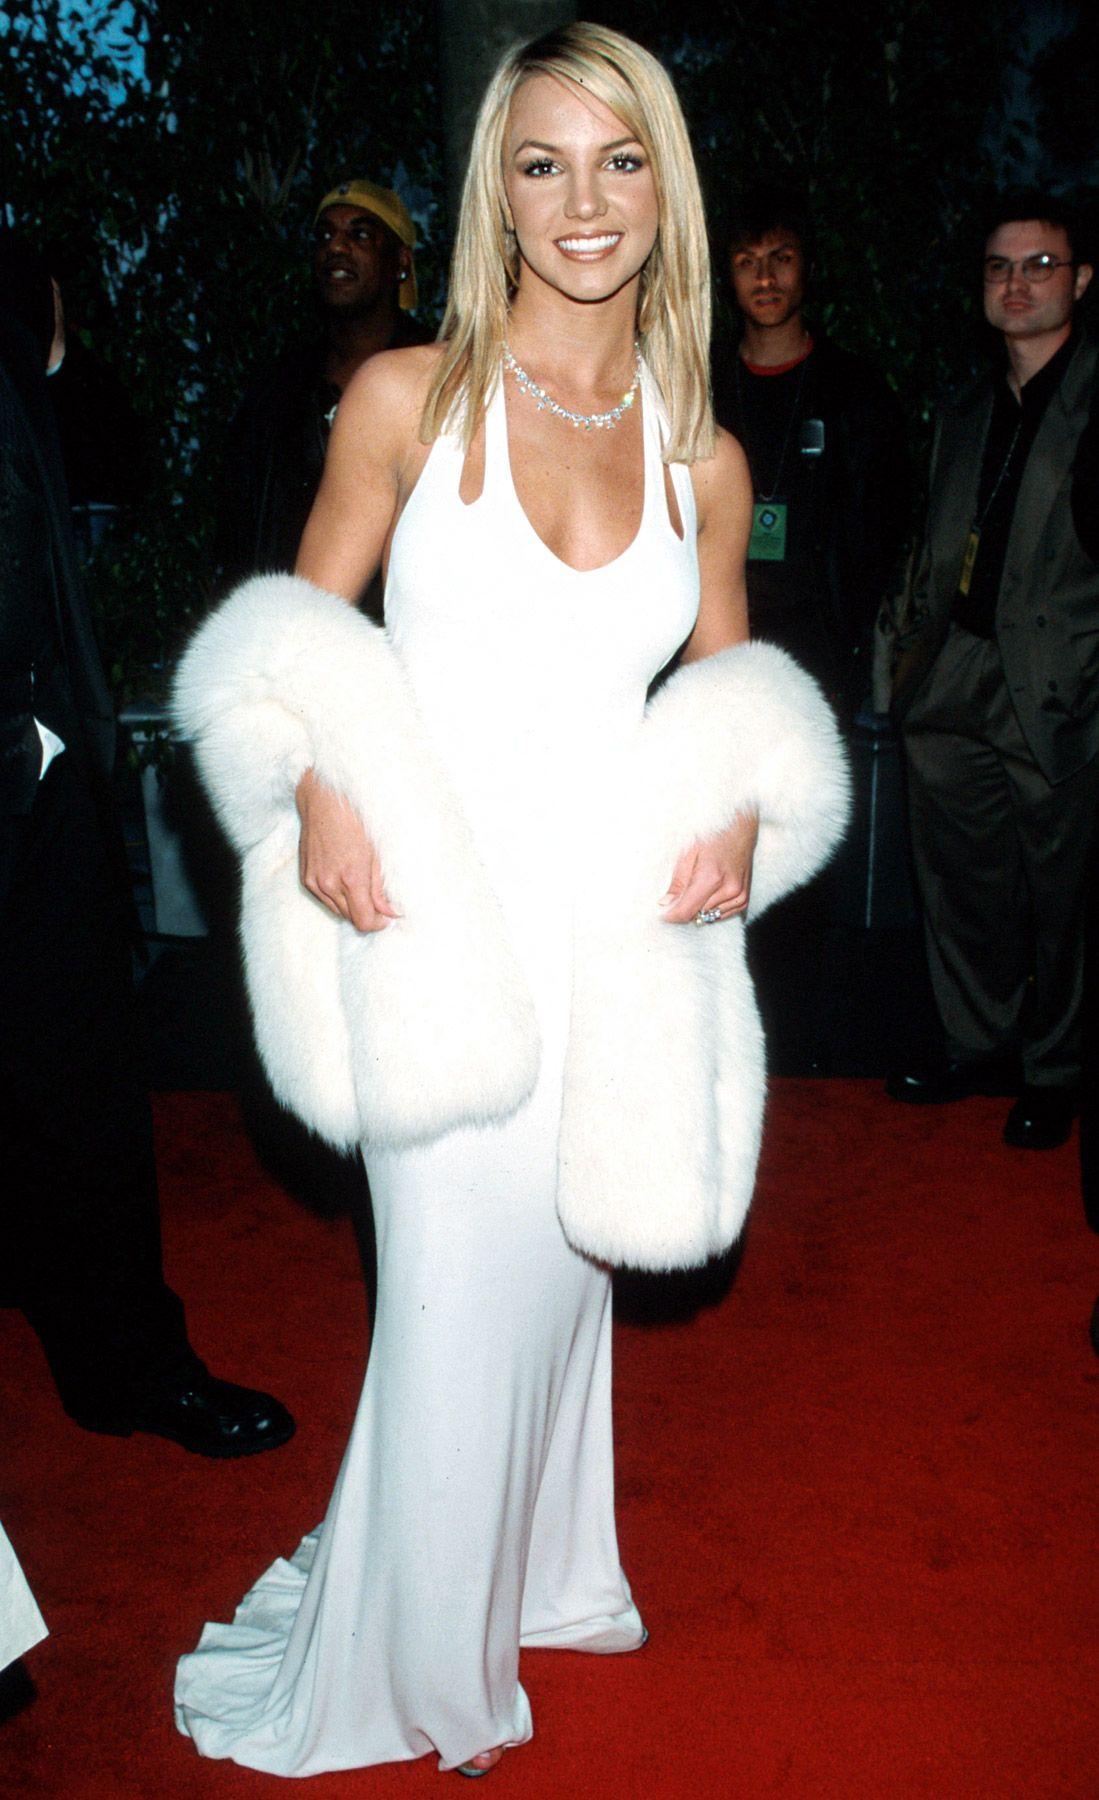 """Thành công đến sớm của Britney Spears không chỉ đưa cô thành sao sáng, mà còn thúc đẩy hàng loạt ngôi sao khác như Christina Aguilera, Mandy Moore, Jessica Simpson và nhiều thế hệ đàn em sau này. Ở độ tuổi 19, """"công chúa nhạc pop"""" hãnh diện bước vào lễ trao giải Grammy 2000 tại Los Angeles. Tuy nữ ca sĩ tuột mất giải Nghệ sĩ mới xuất sắc nhất vào tay Christina Aguilera, đây vẫn là bước tiến quan trọng trong sự nghiệp của giọng ca """"Sometimes""""."""